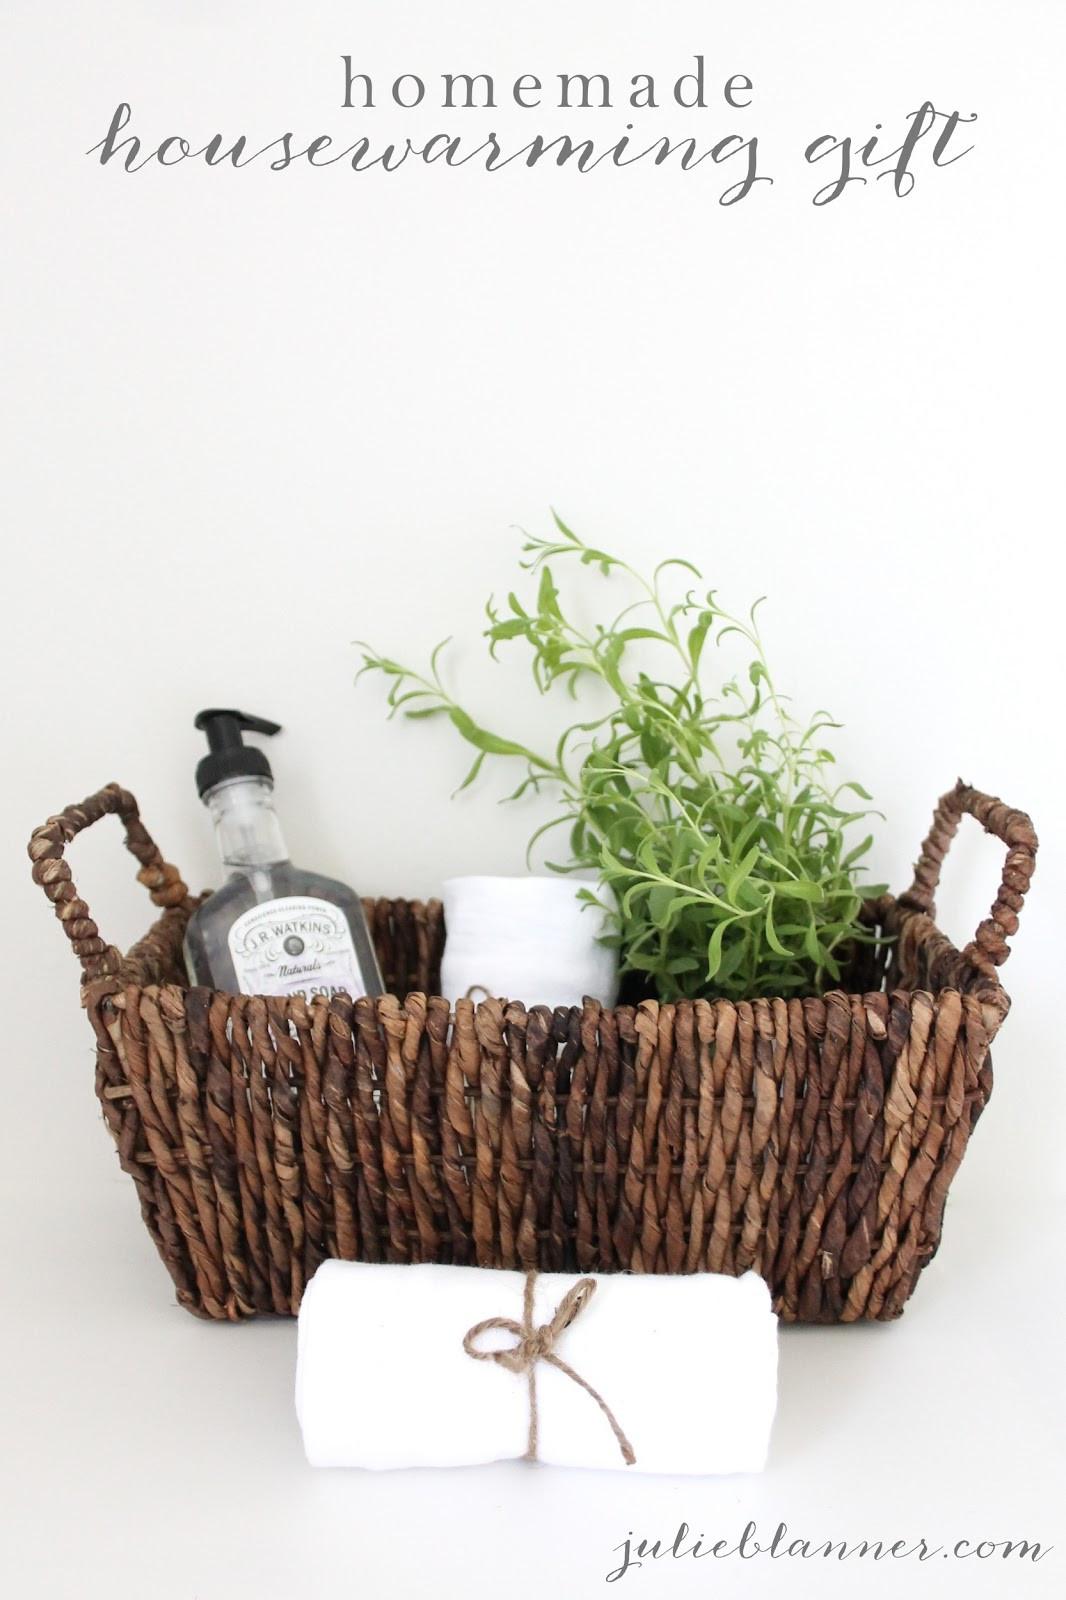 DIY Housewarming Gifts Ideas  Homemade Housewarming Gift Julie Blanner